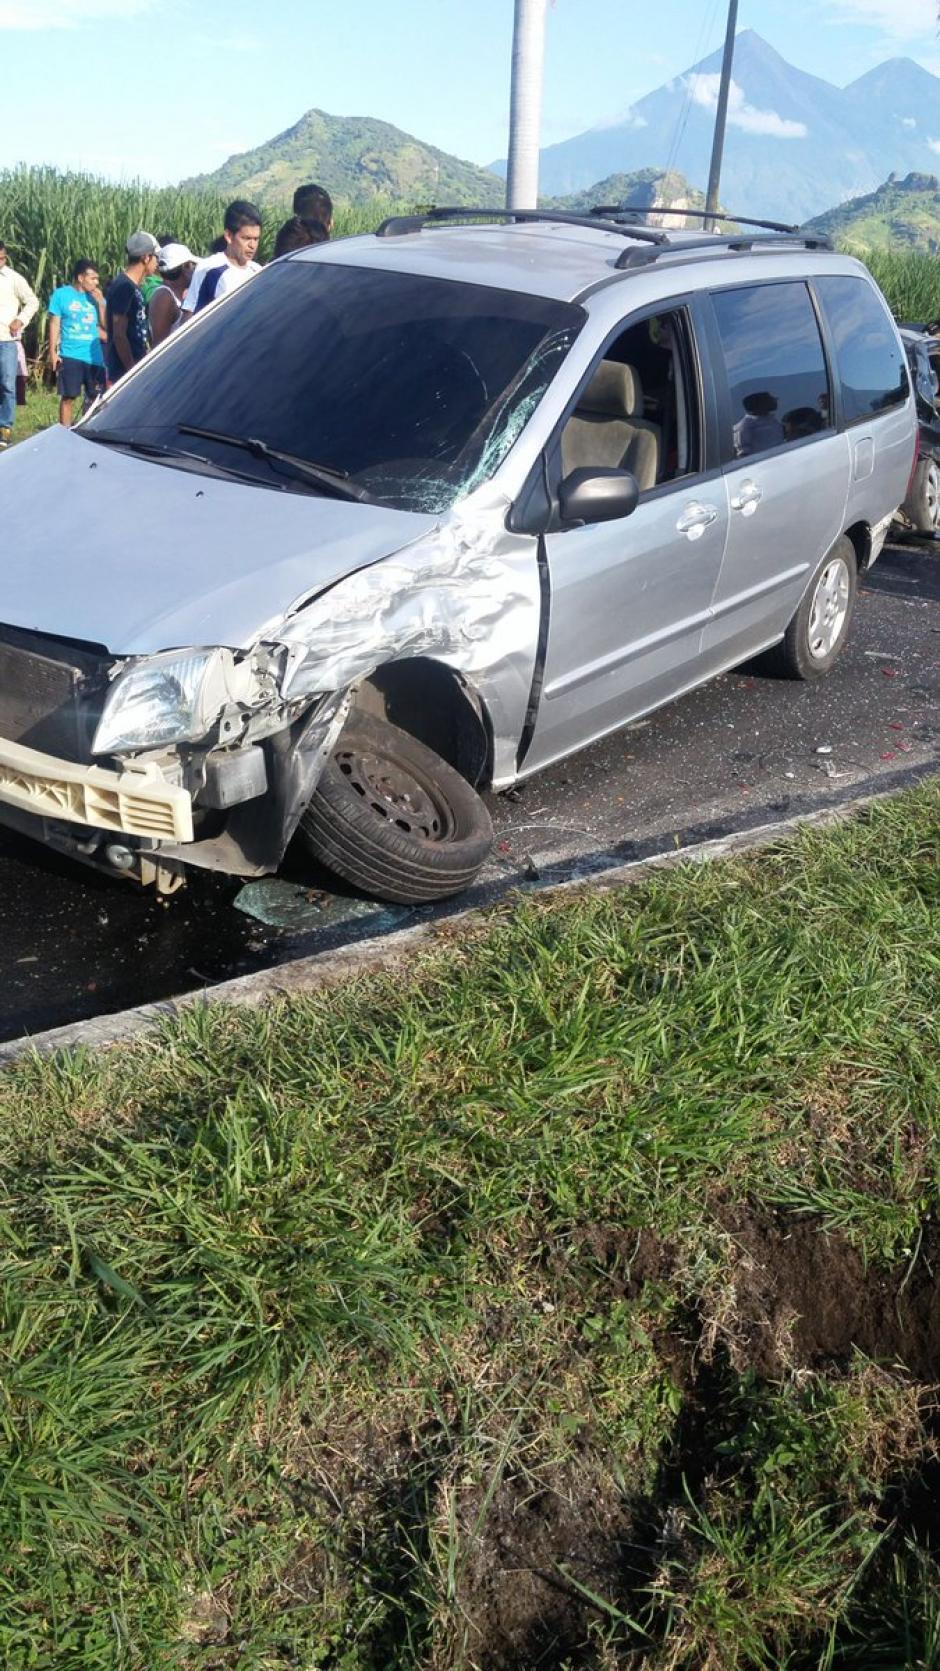 El accidente ocurrió entre un autobús y cinco automóviles más. (Foto: @sokala_kolocho)